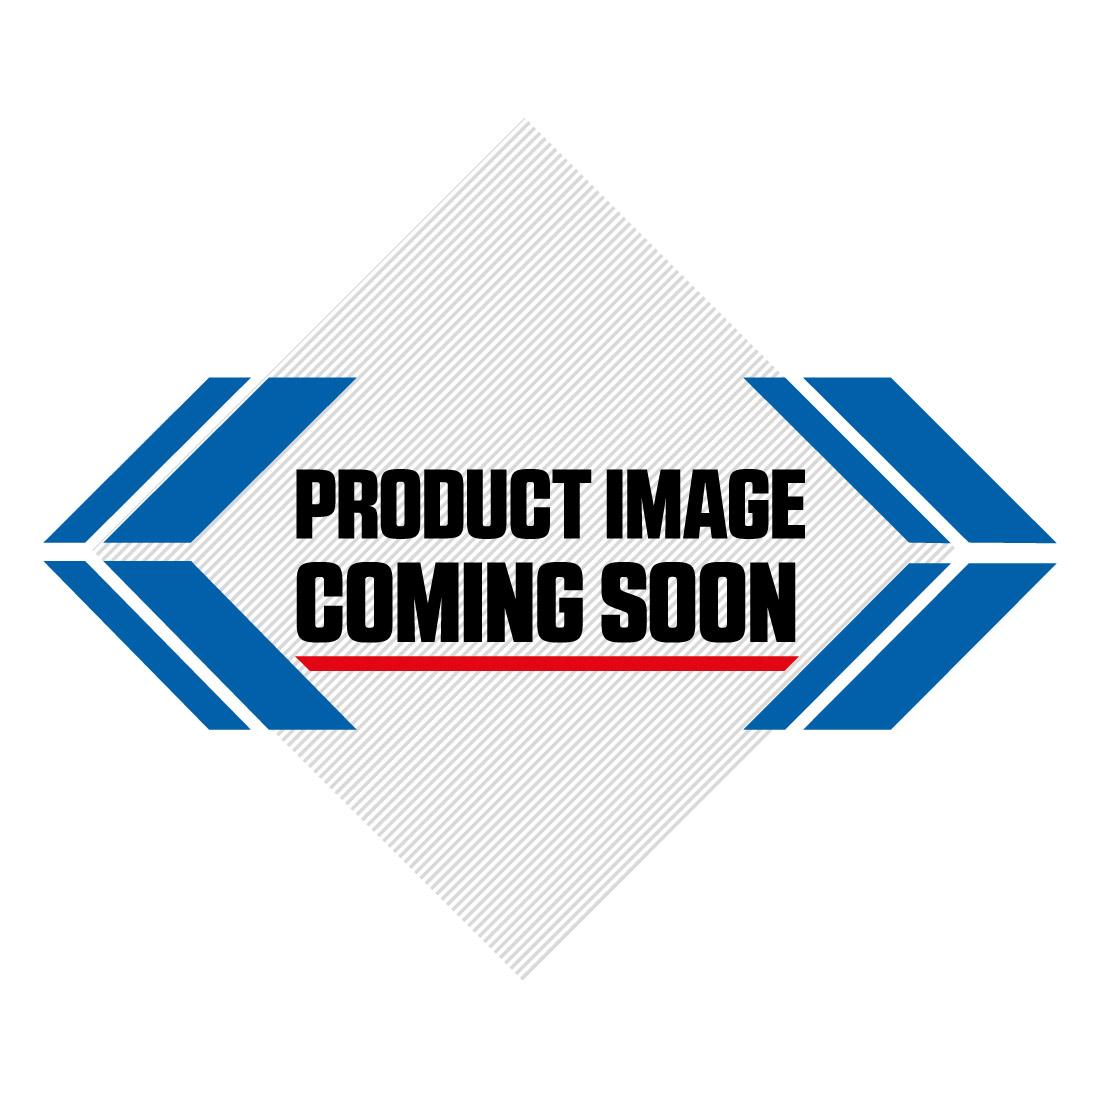 UFO Plastic Kit Husqvarna OEM Factory Image-5